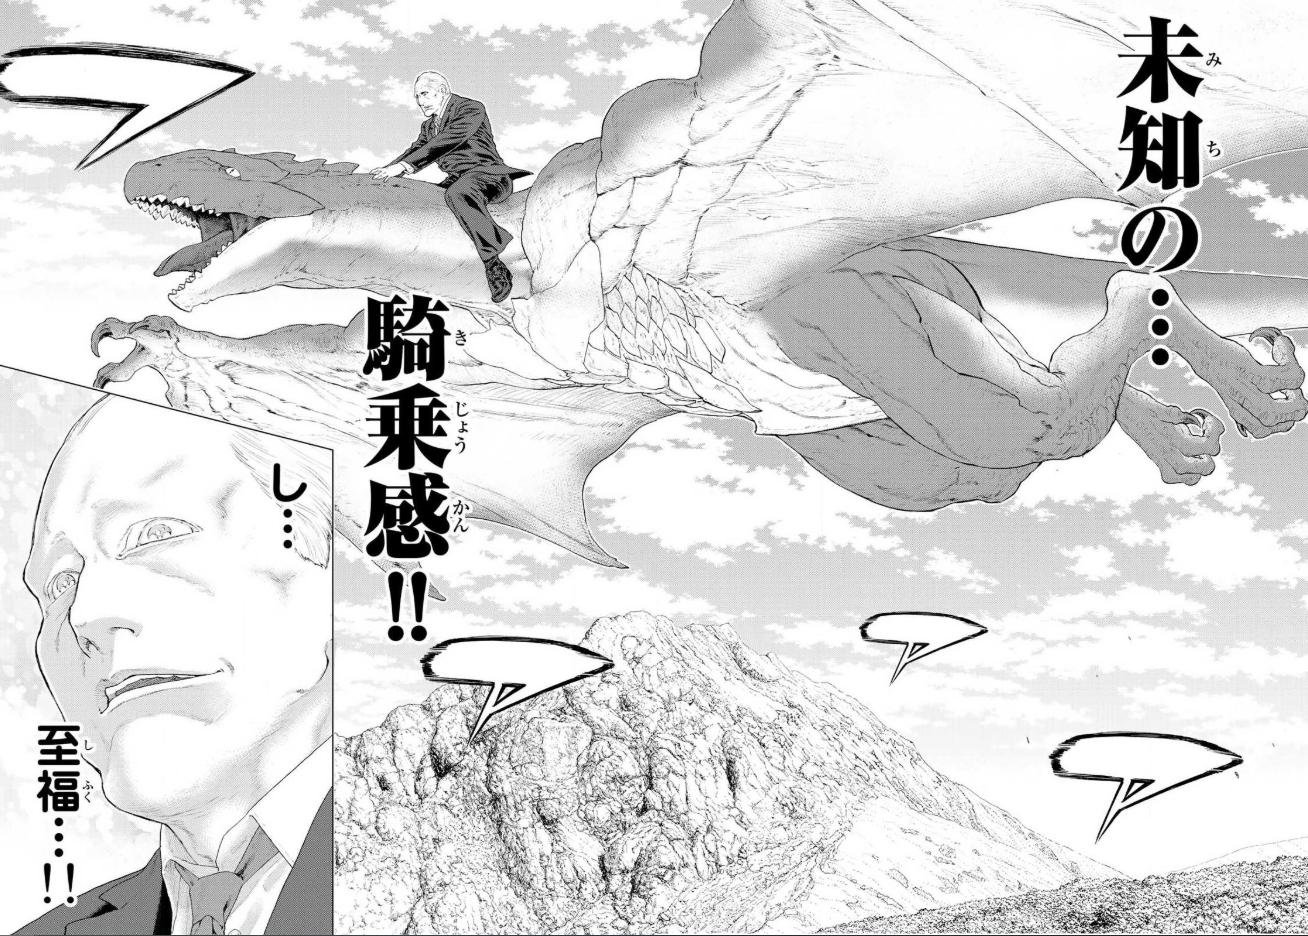 『ライドンキング』の魅力1:異世界転生マンガに飽きた人にこそおすすめ!